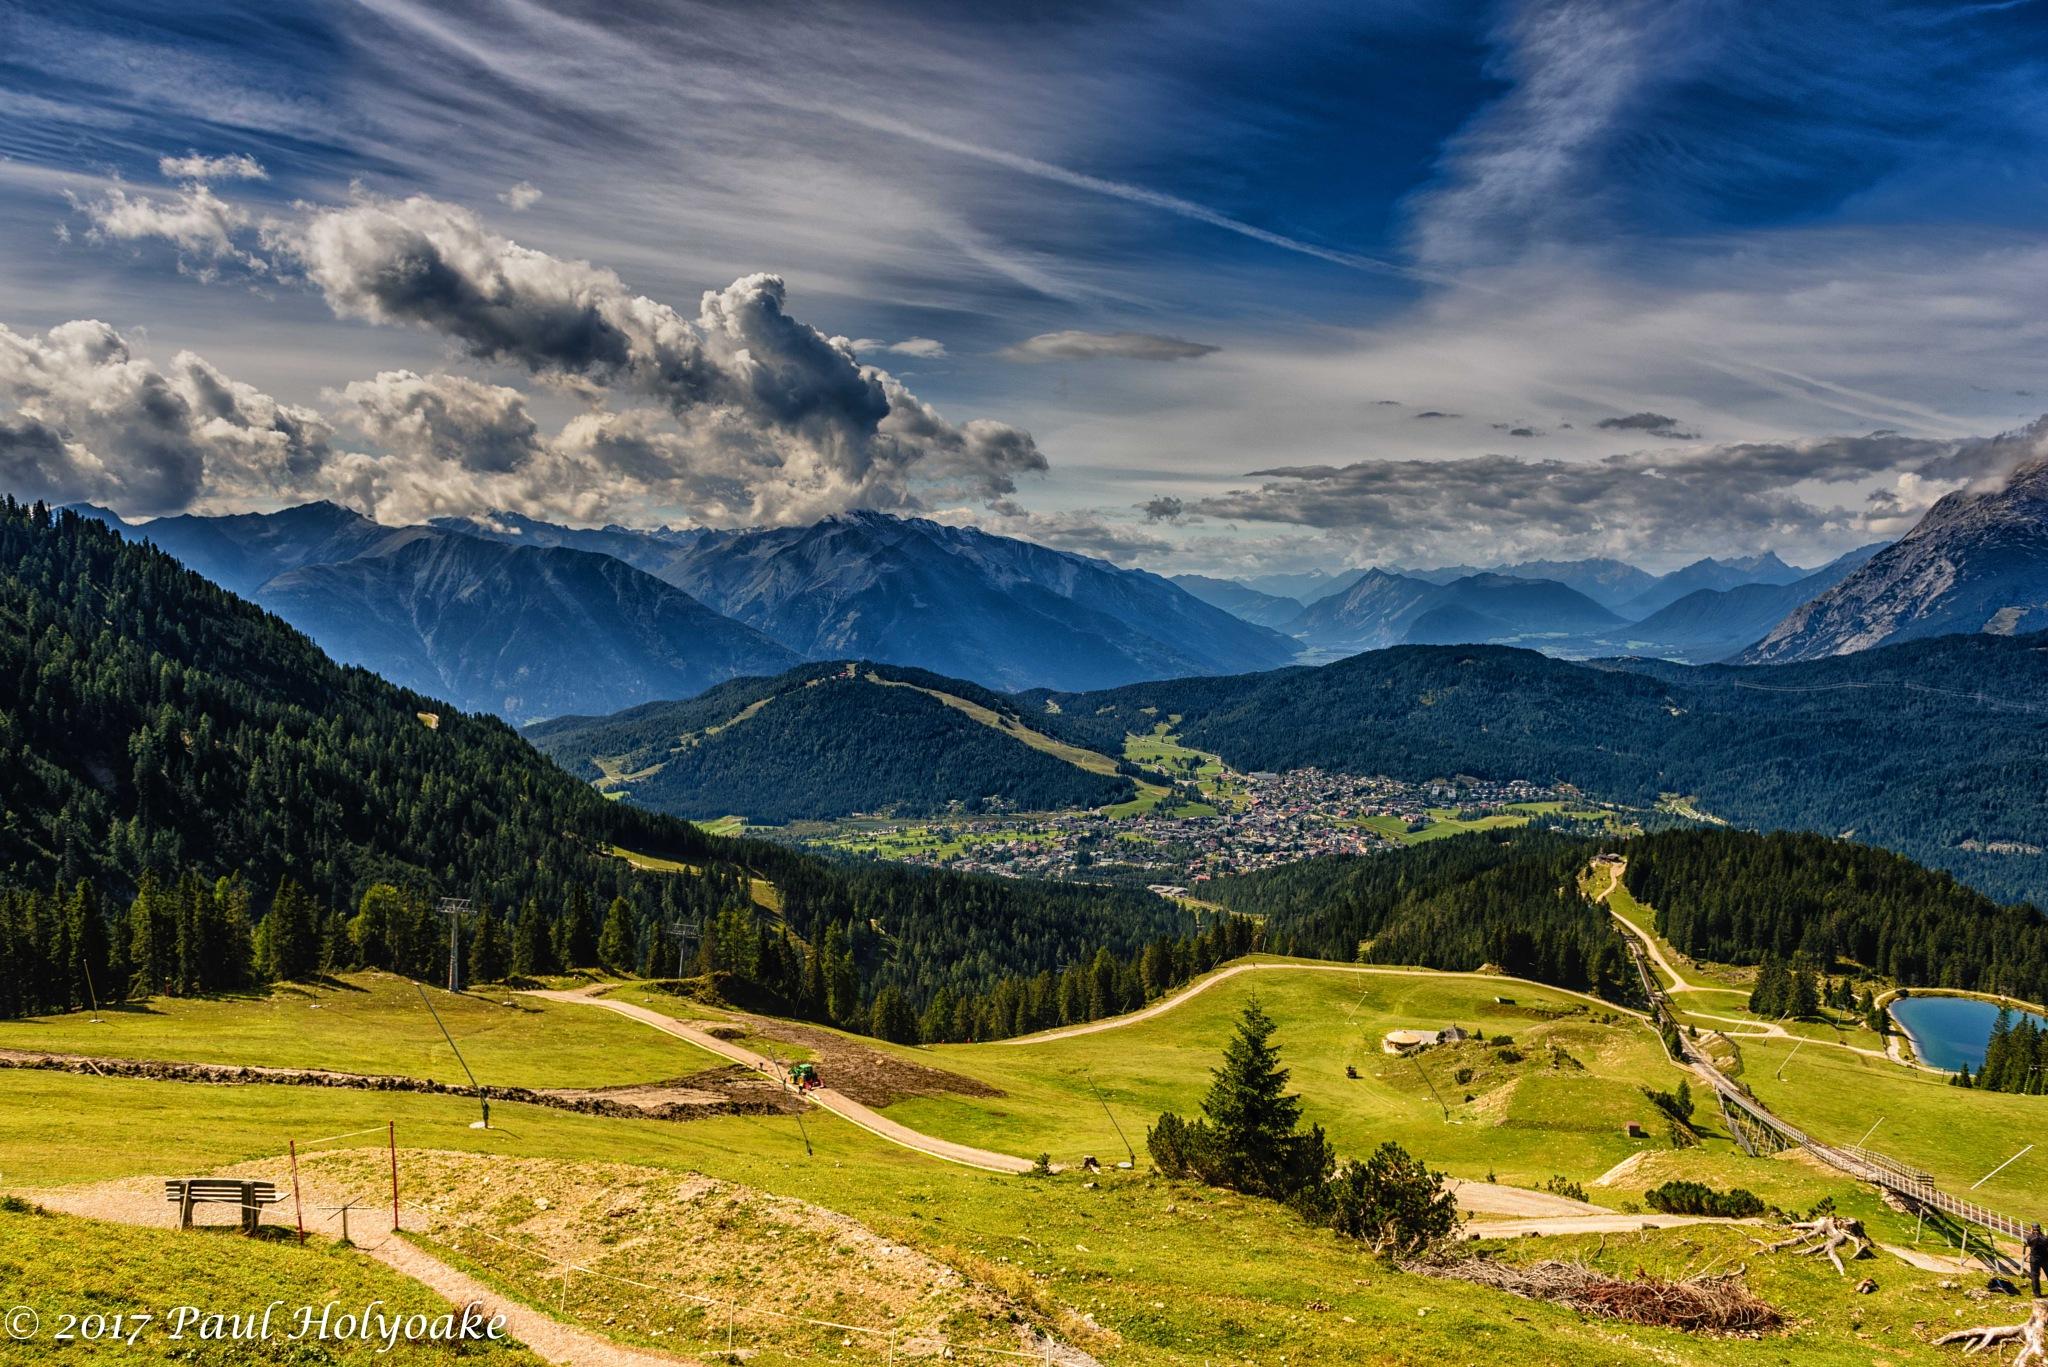 Hazy Alps by Photon